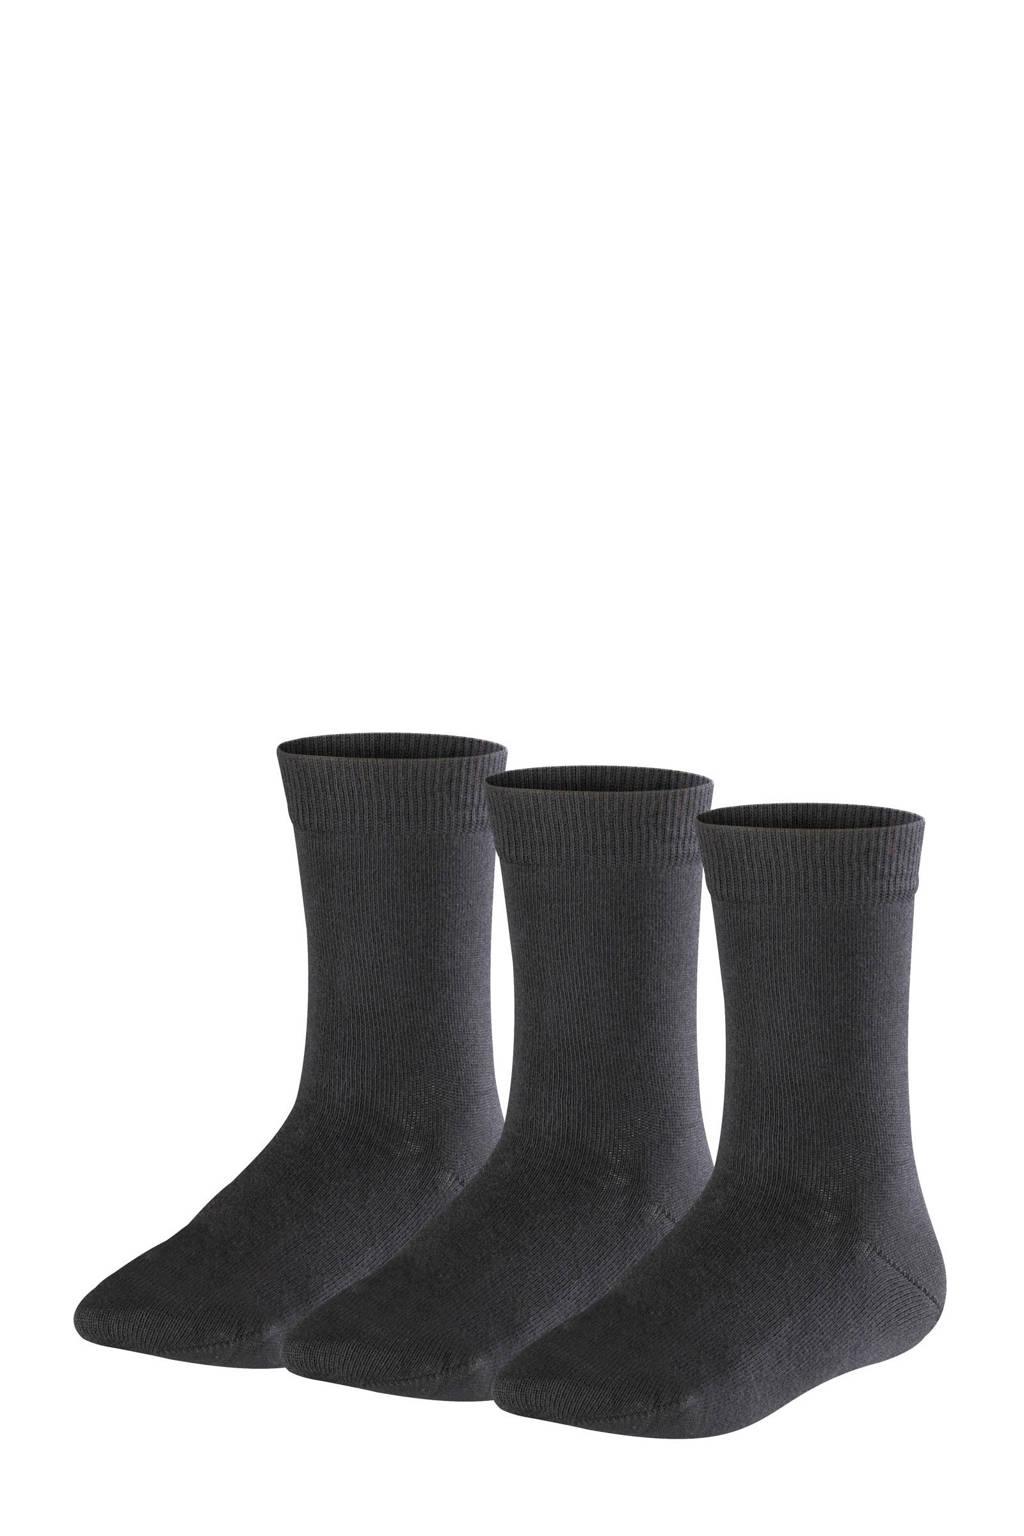 FALKE Family sokken - set van 3 zwart, Zwart